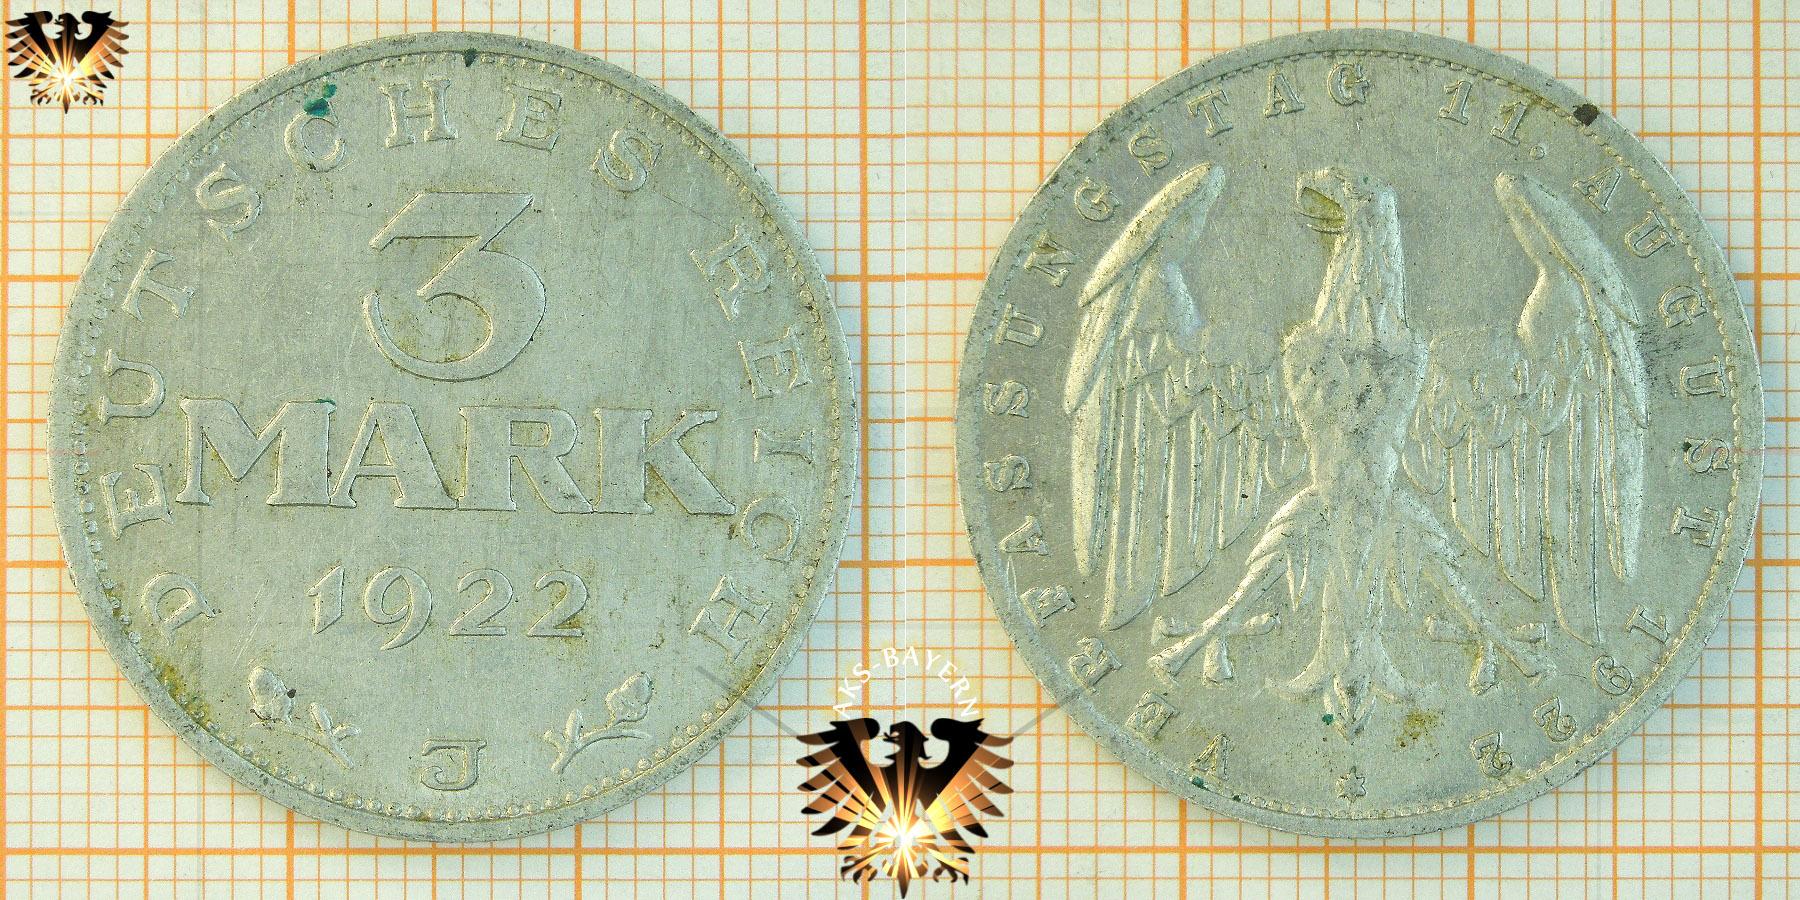 deutsches reich 3 mark 1922